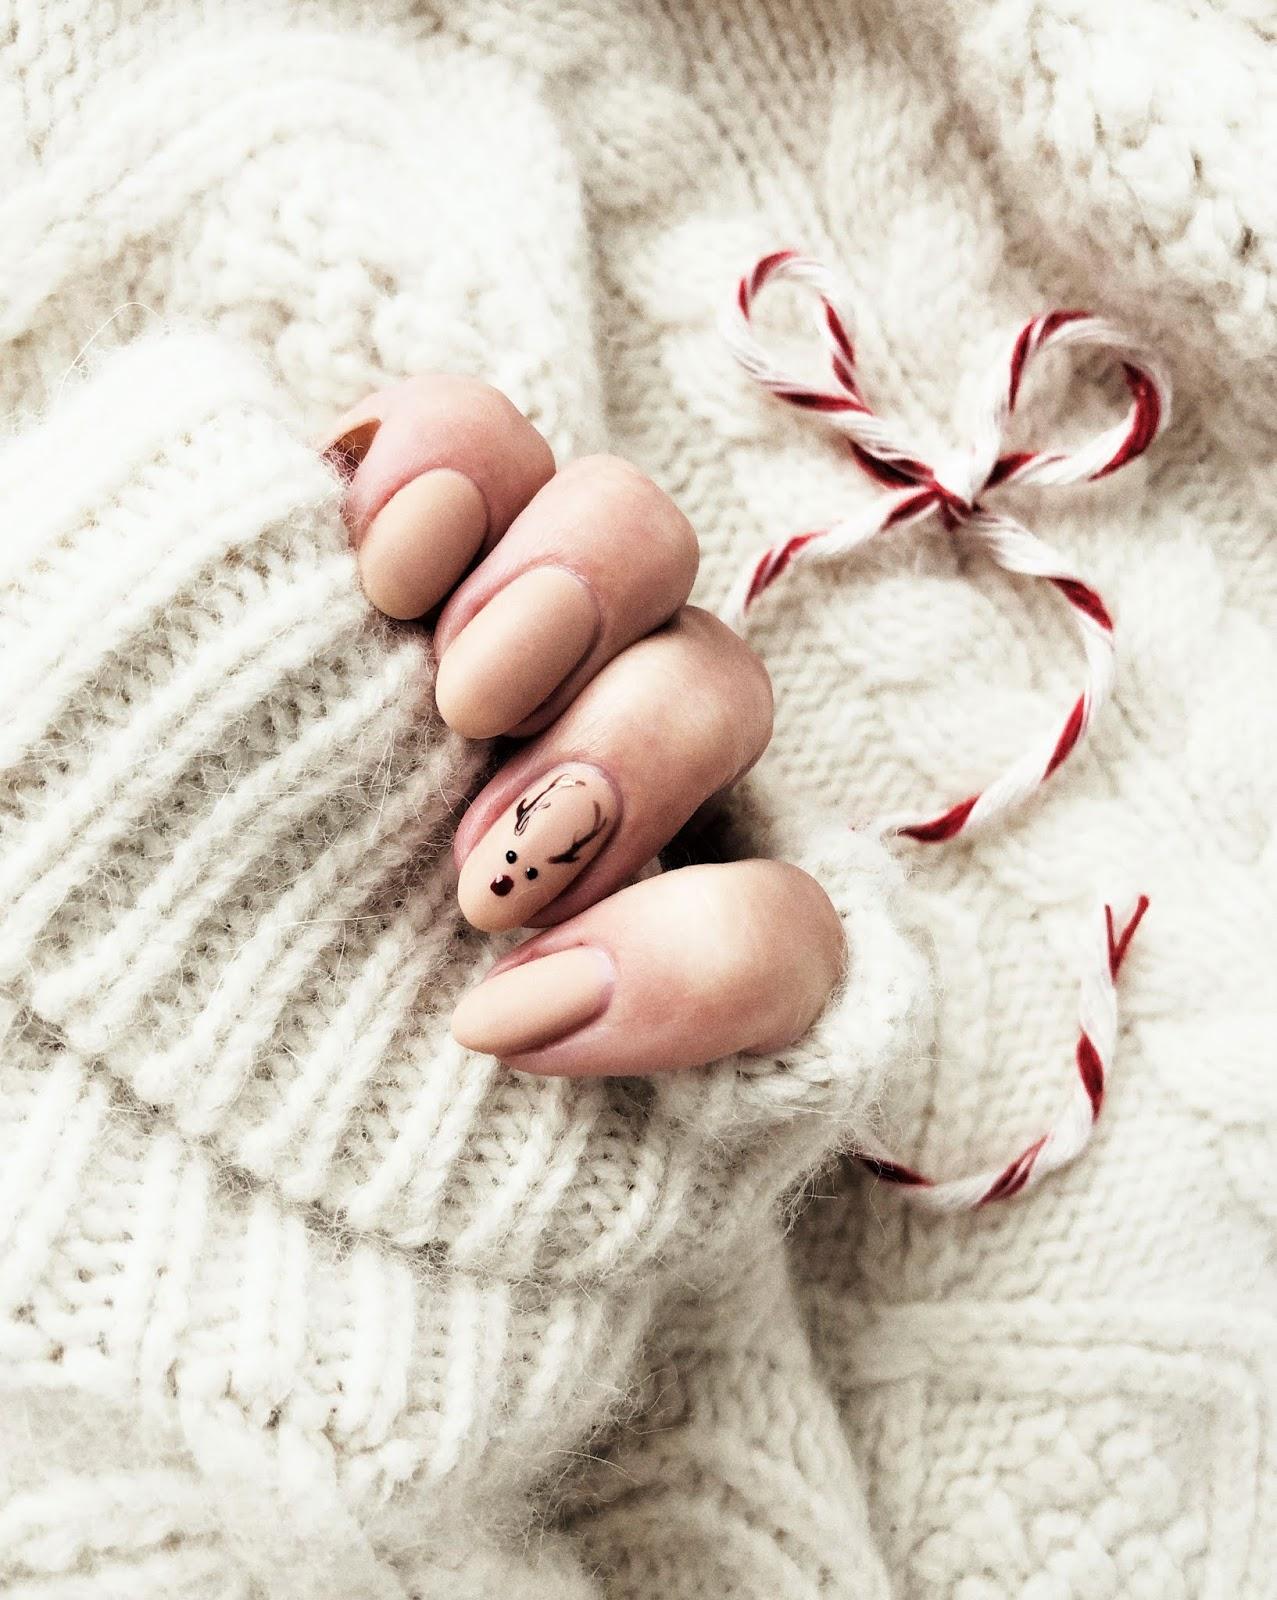 Najsłodsze świąteczne pazurki ever - renifer na paznokciach